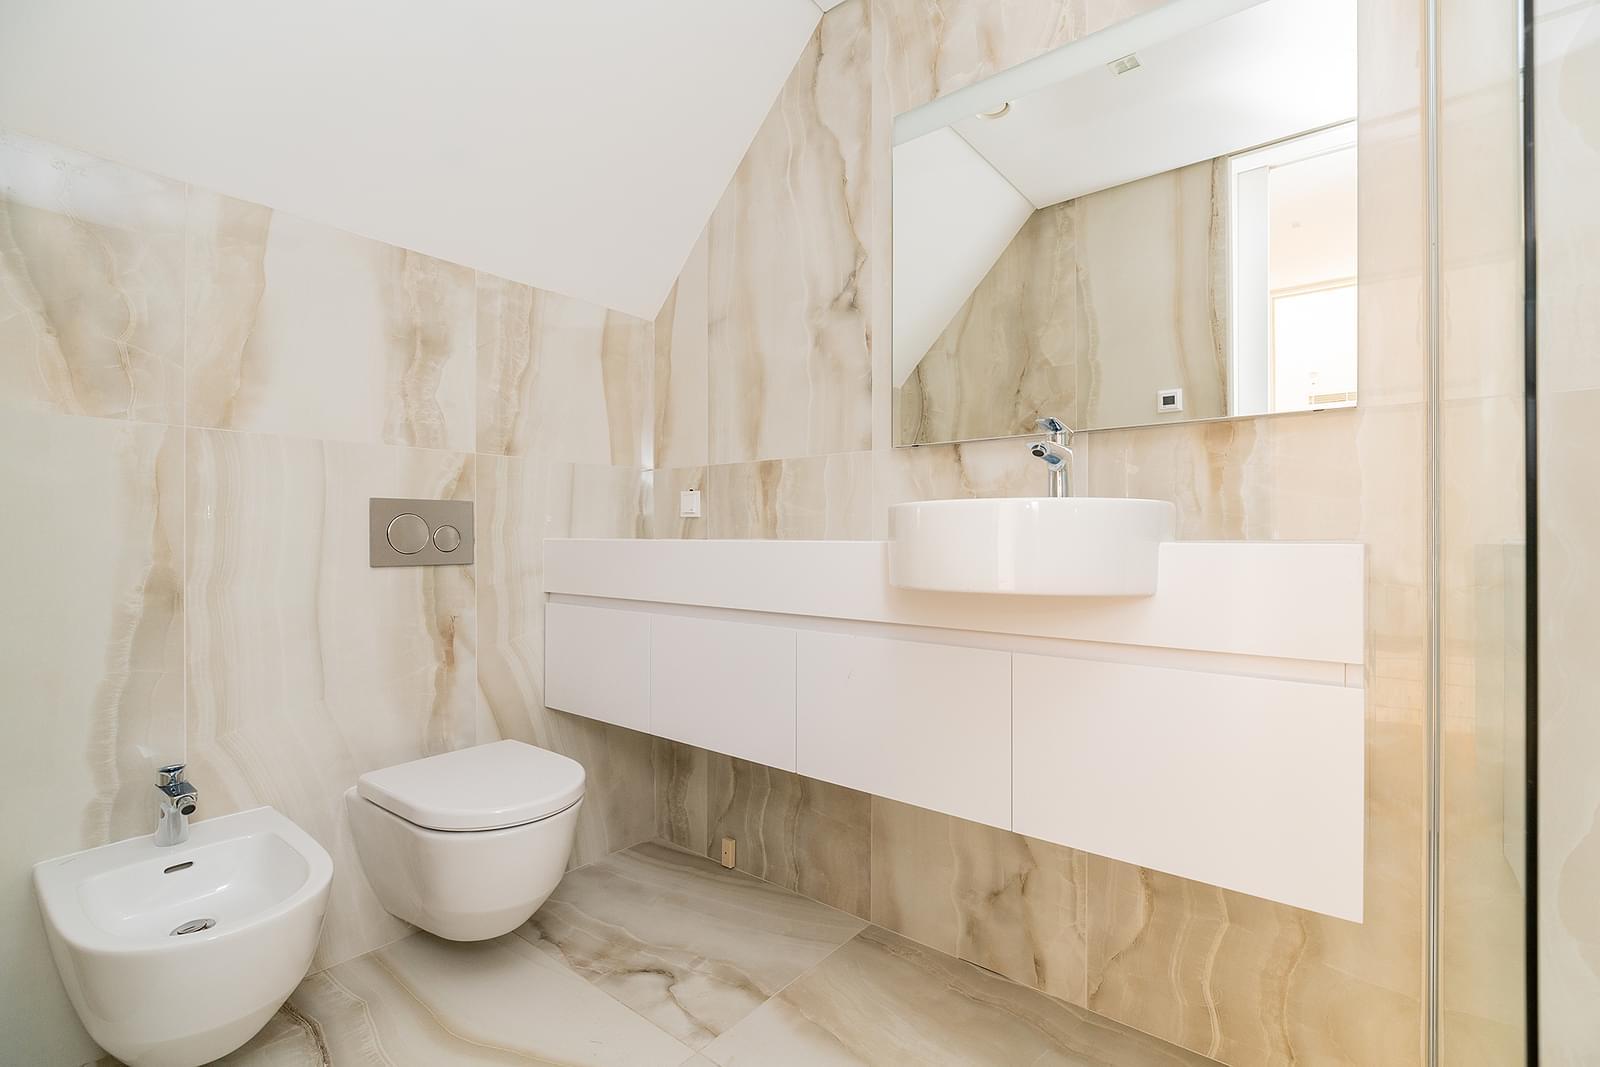 pf18713-apartamento-t3-lisboa-02906d21-cc44-4561-bc0f-fb6e31ab3325